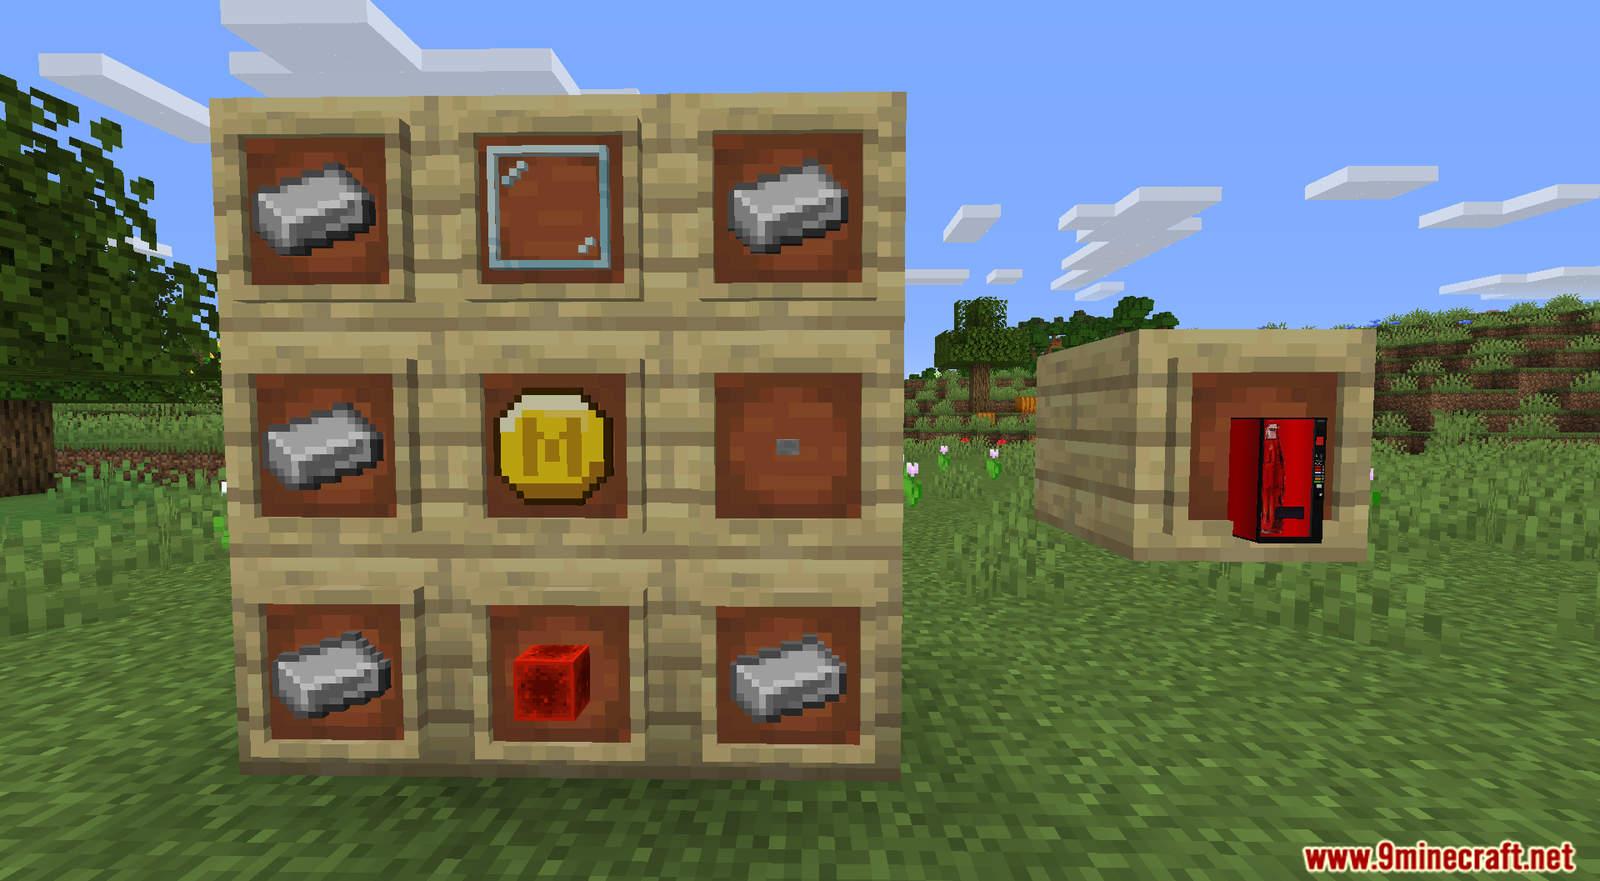 Vending Machine Data Pack Screenshots (3)